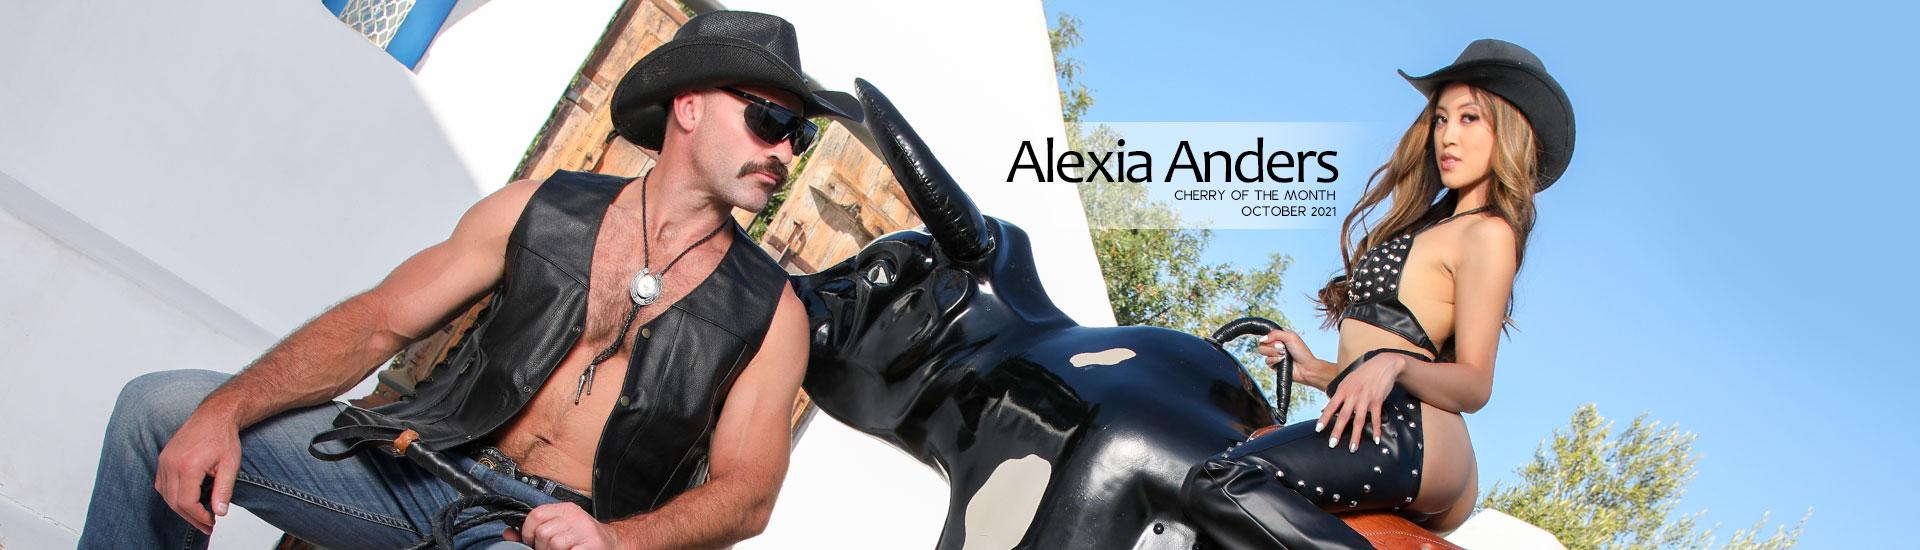 cpslide AlexiaAnders October21